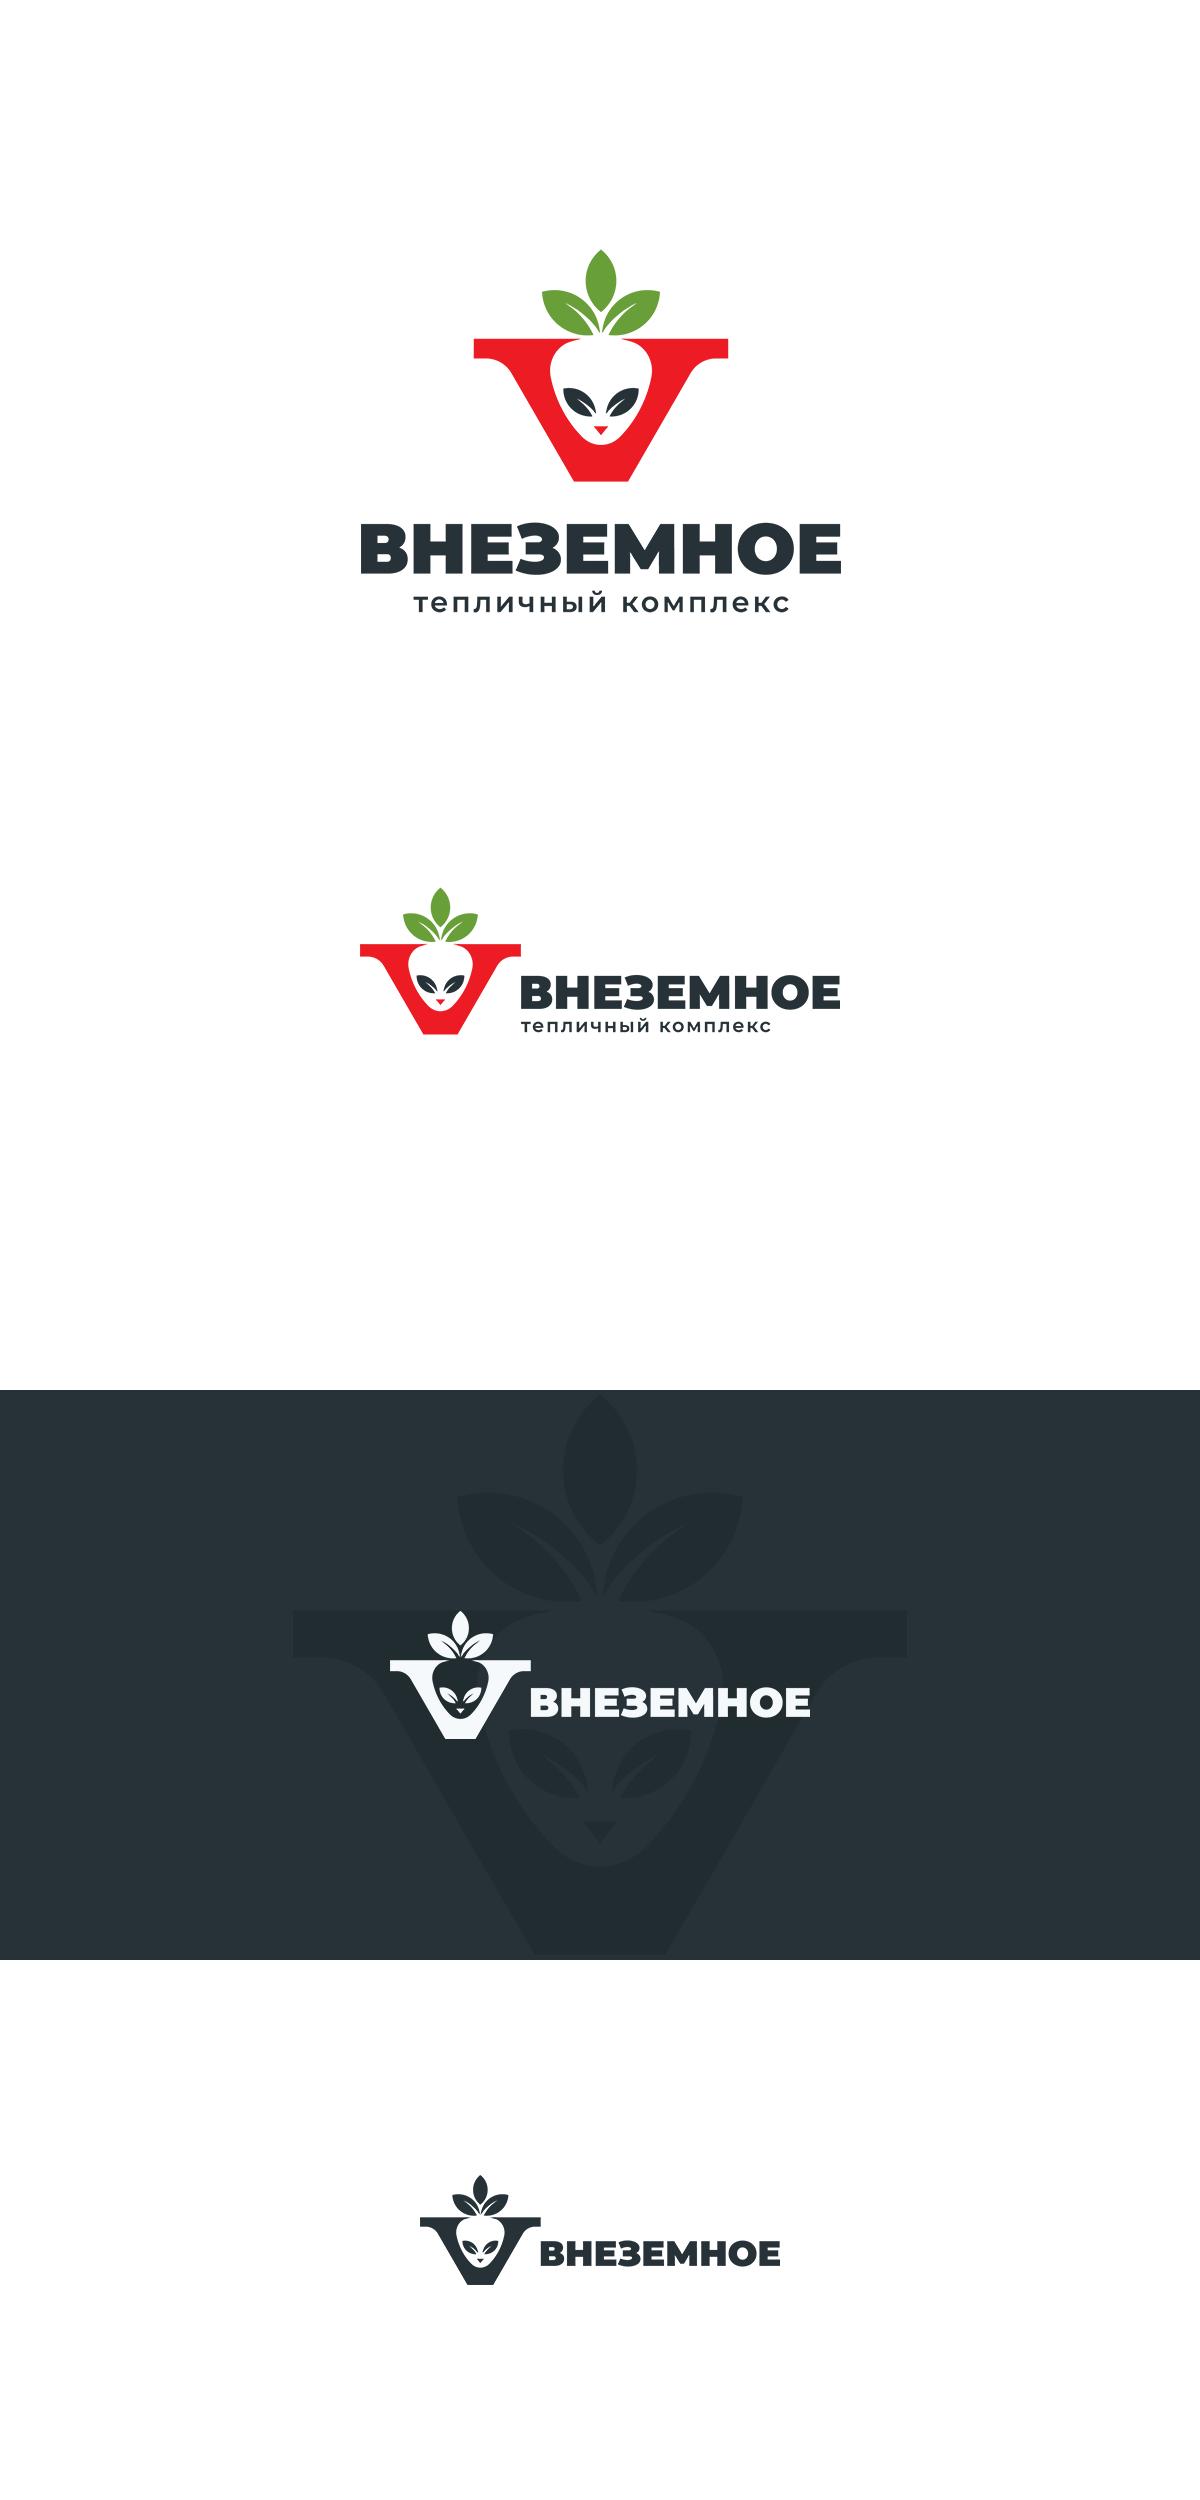 """Логотип и фирменный стиль """"Внеземное"""" фото f_7355e7e43c636b91.png"""